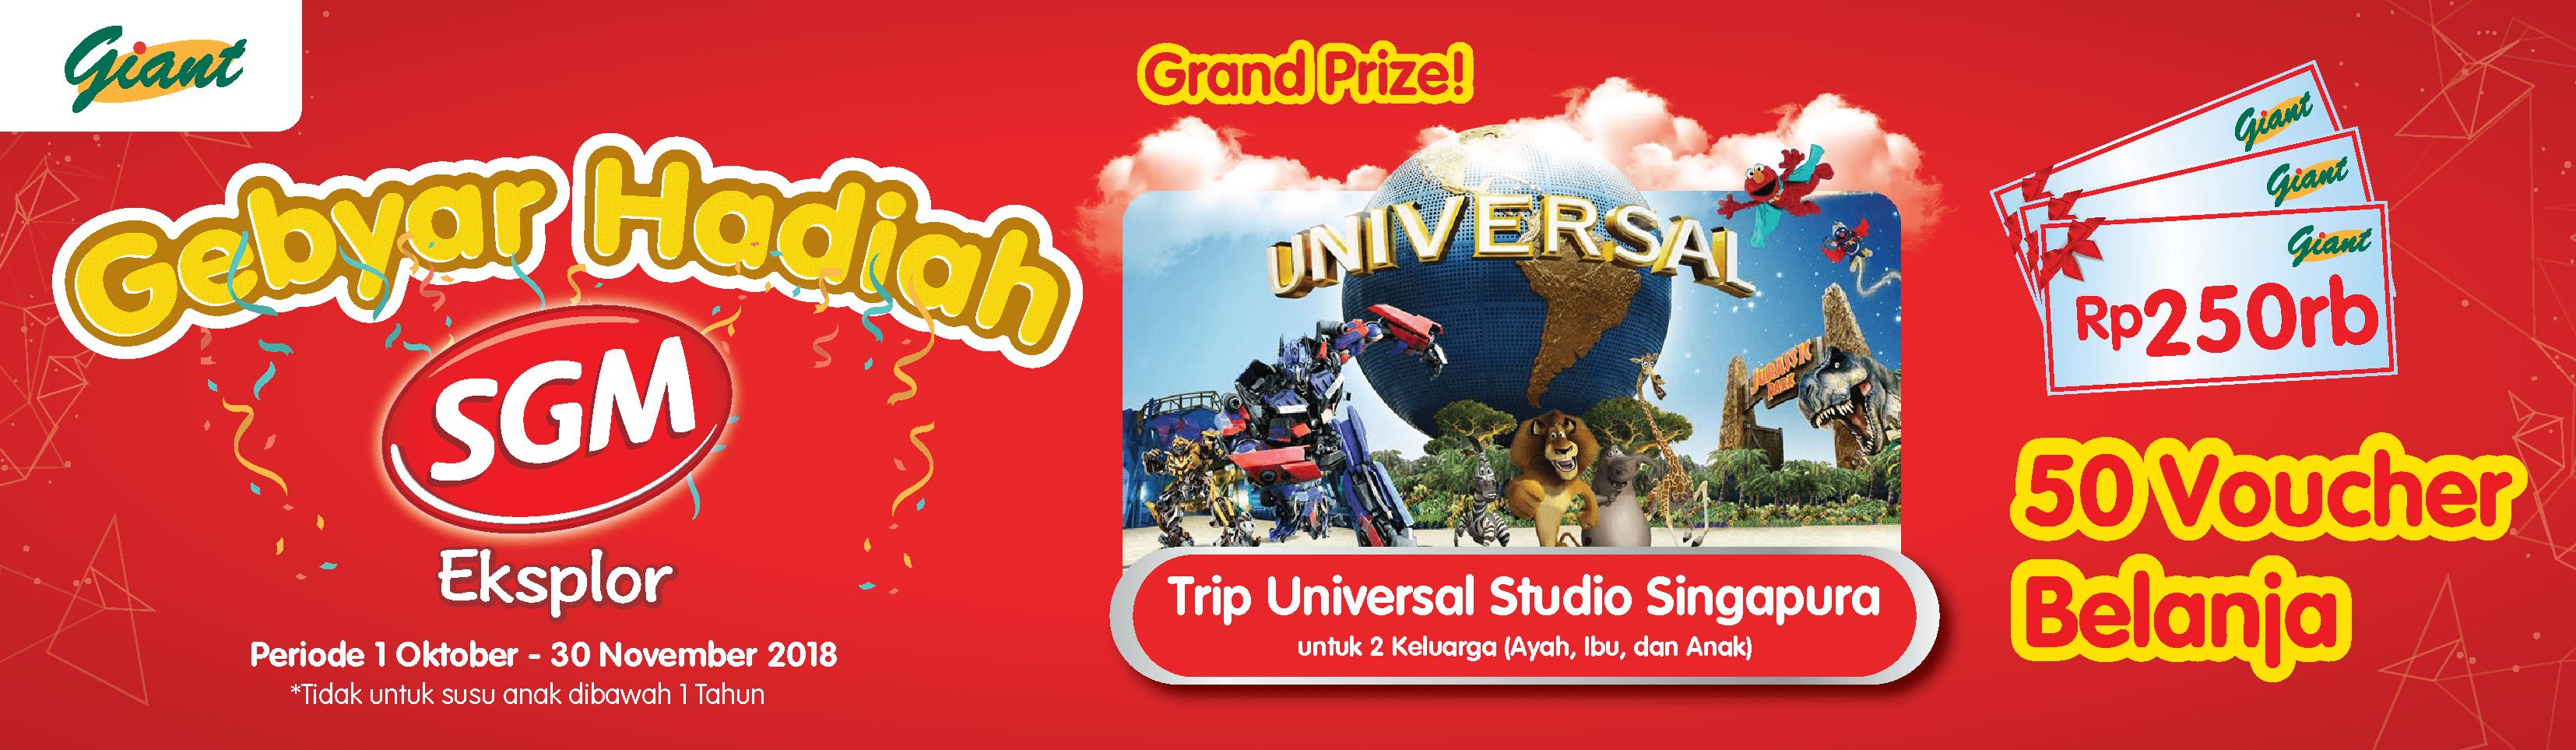 Gebyar Hadiah Sgm Bersama Giant Tiket Universal Studio Singapura Anak